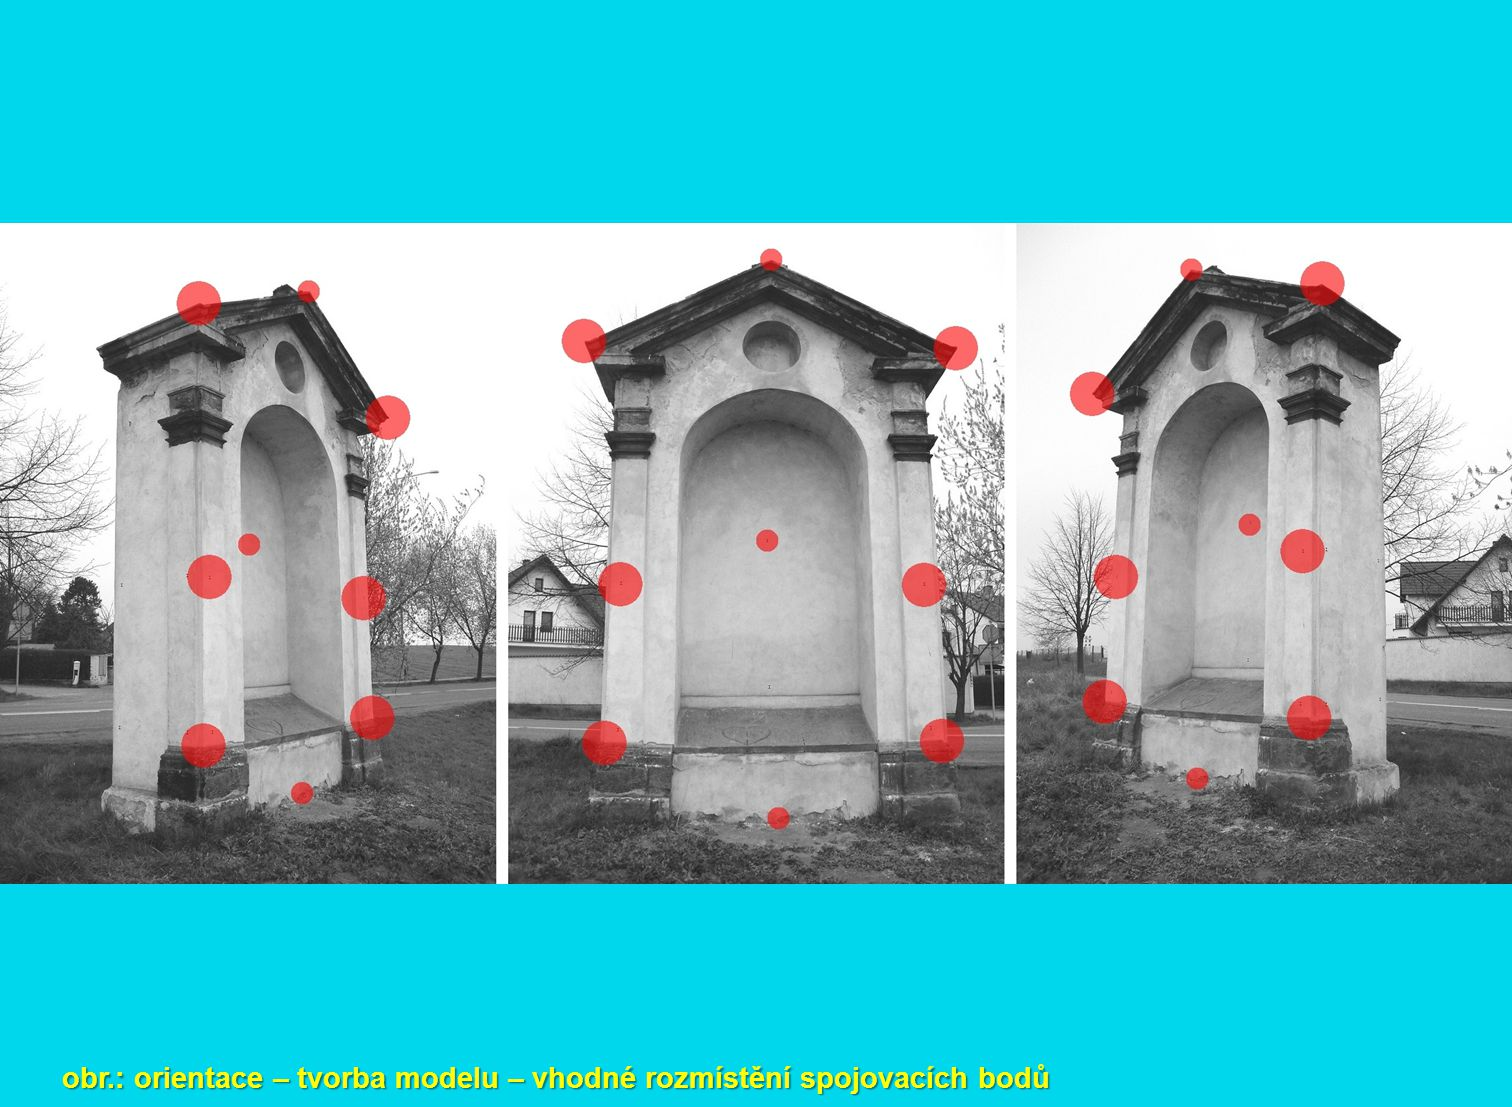 obr.: orientace – tvorba modelu – vhodné rozmístění spojovacích bodů